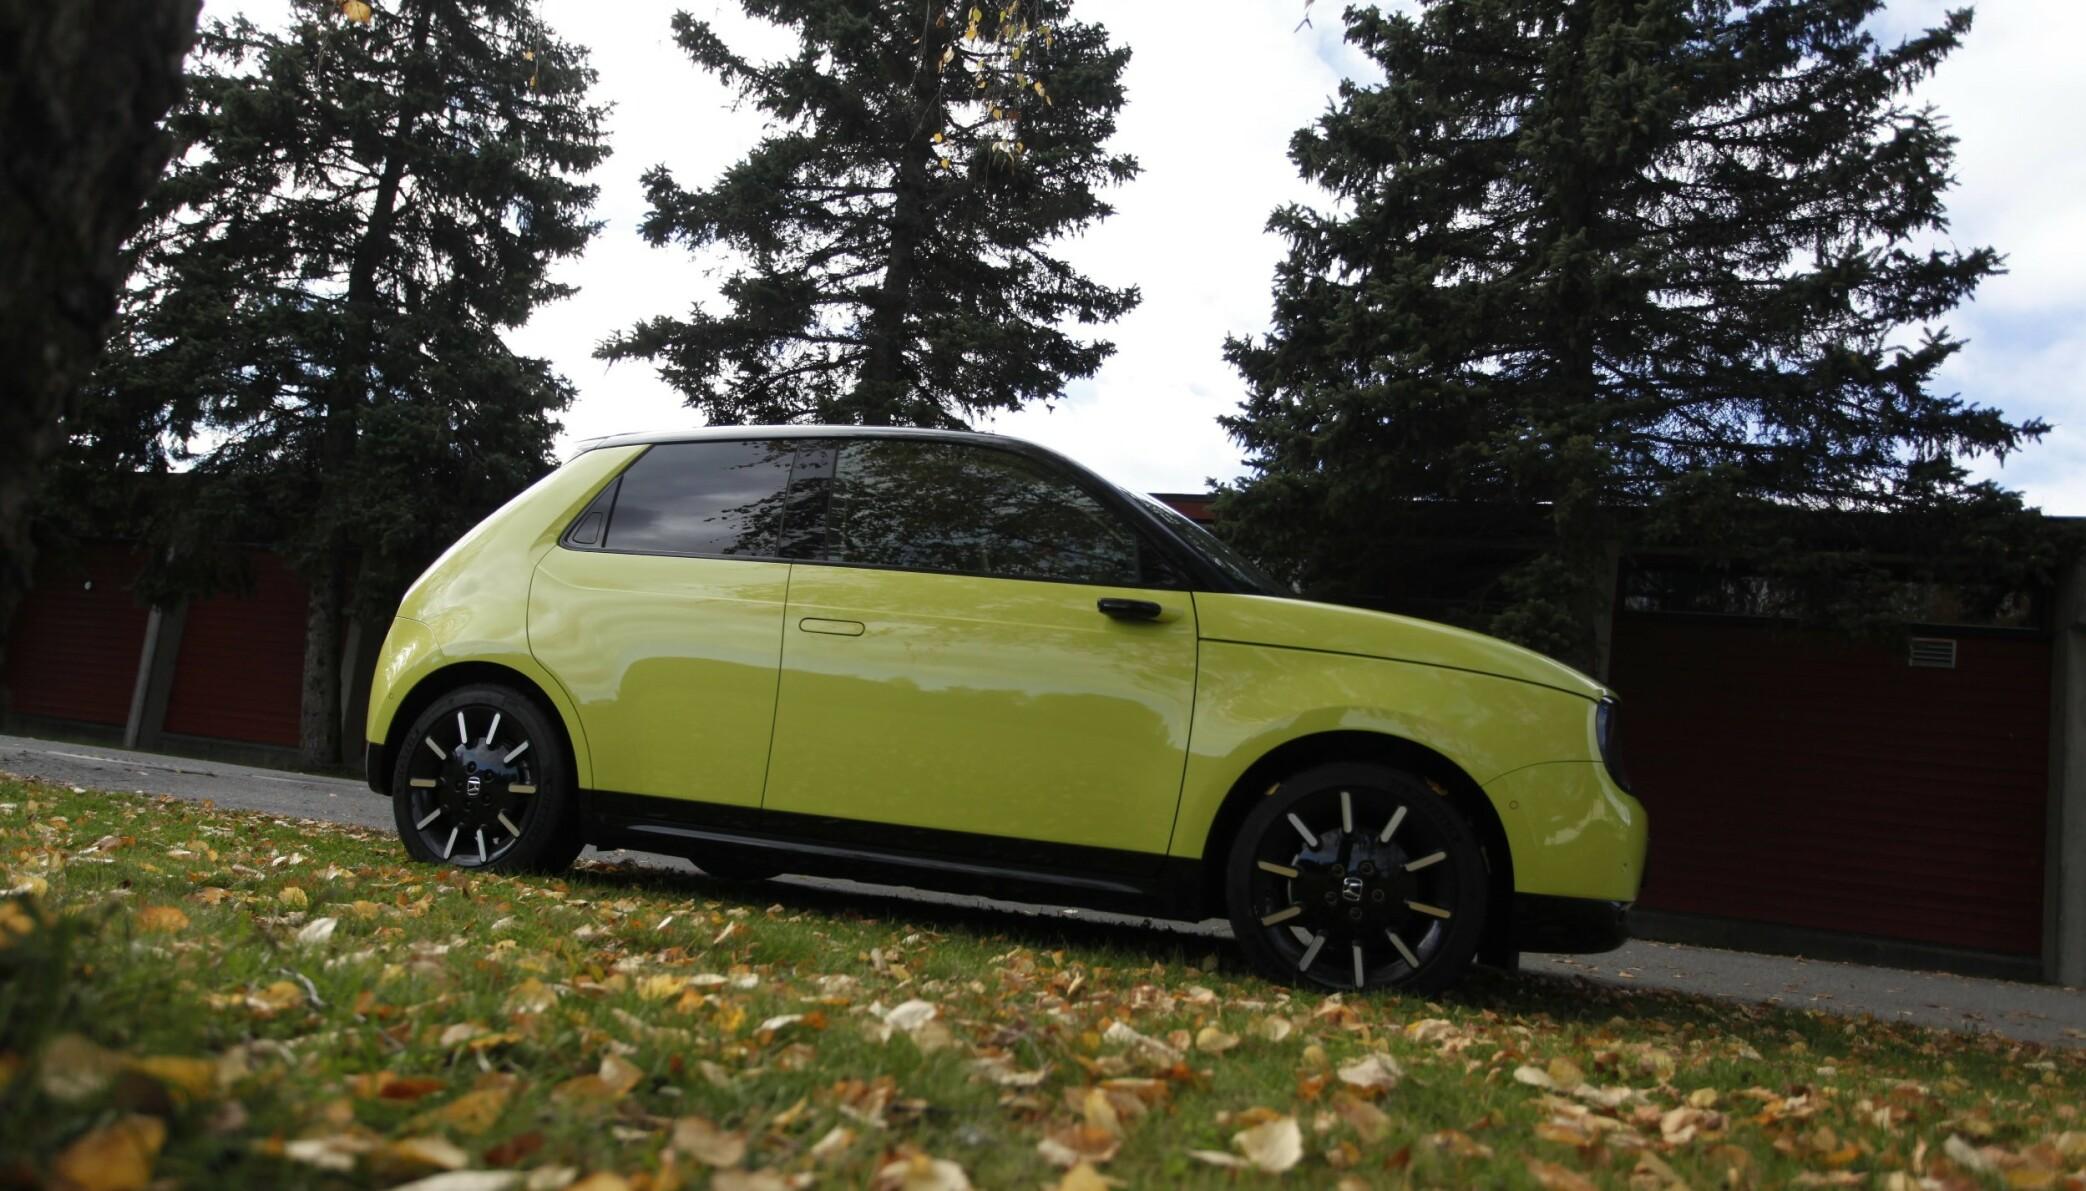 ANNERLEDES: Honda e skiller seg ut i mengden. Foto: Øystein B. Fossum